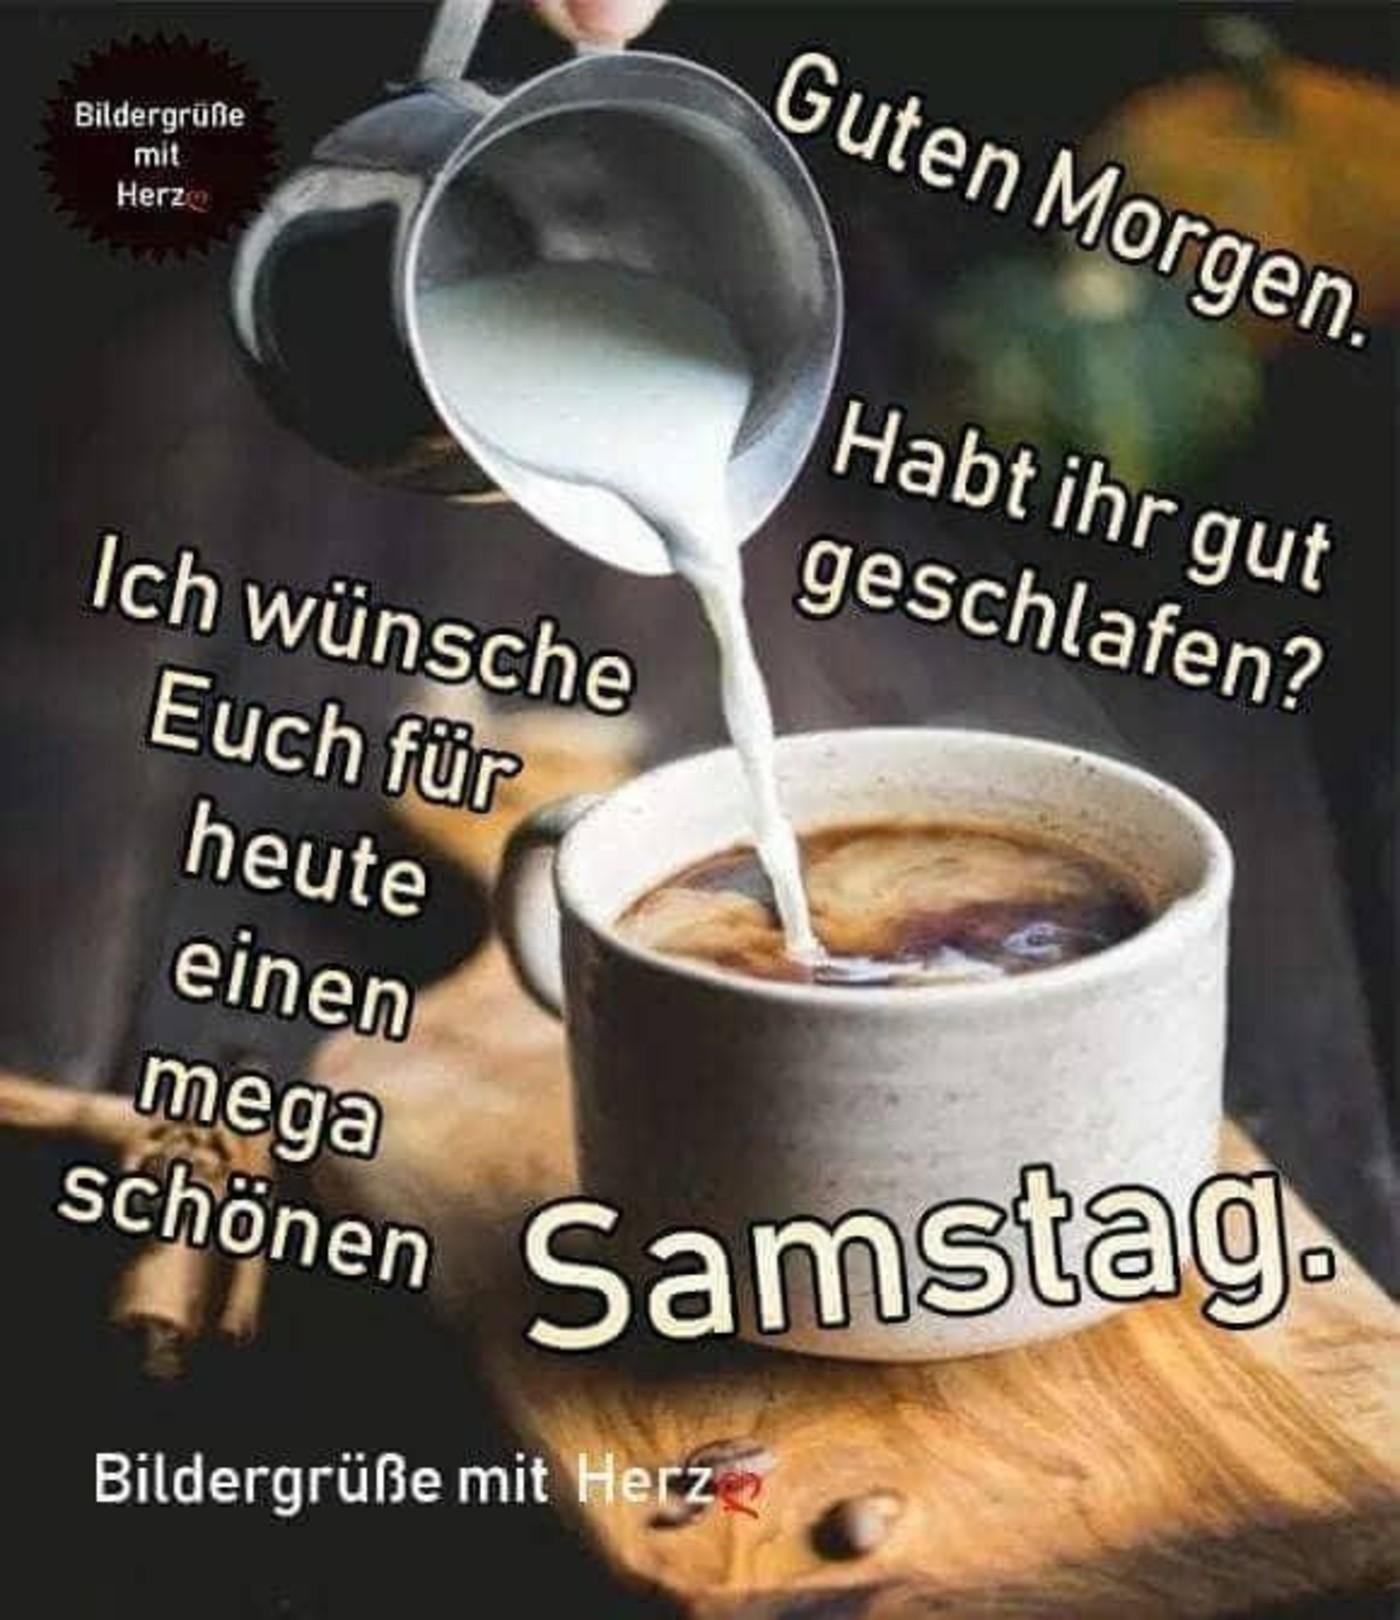 Schönen Samstag Bilder Kaffee 269 Gbpicsbildercom